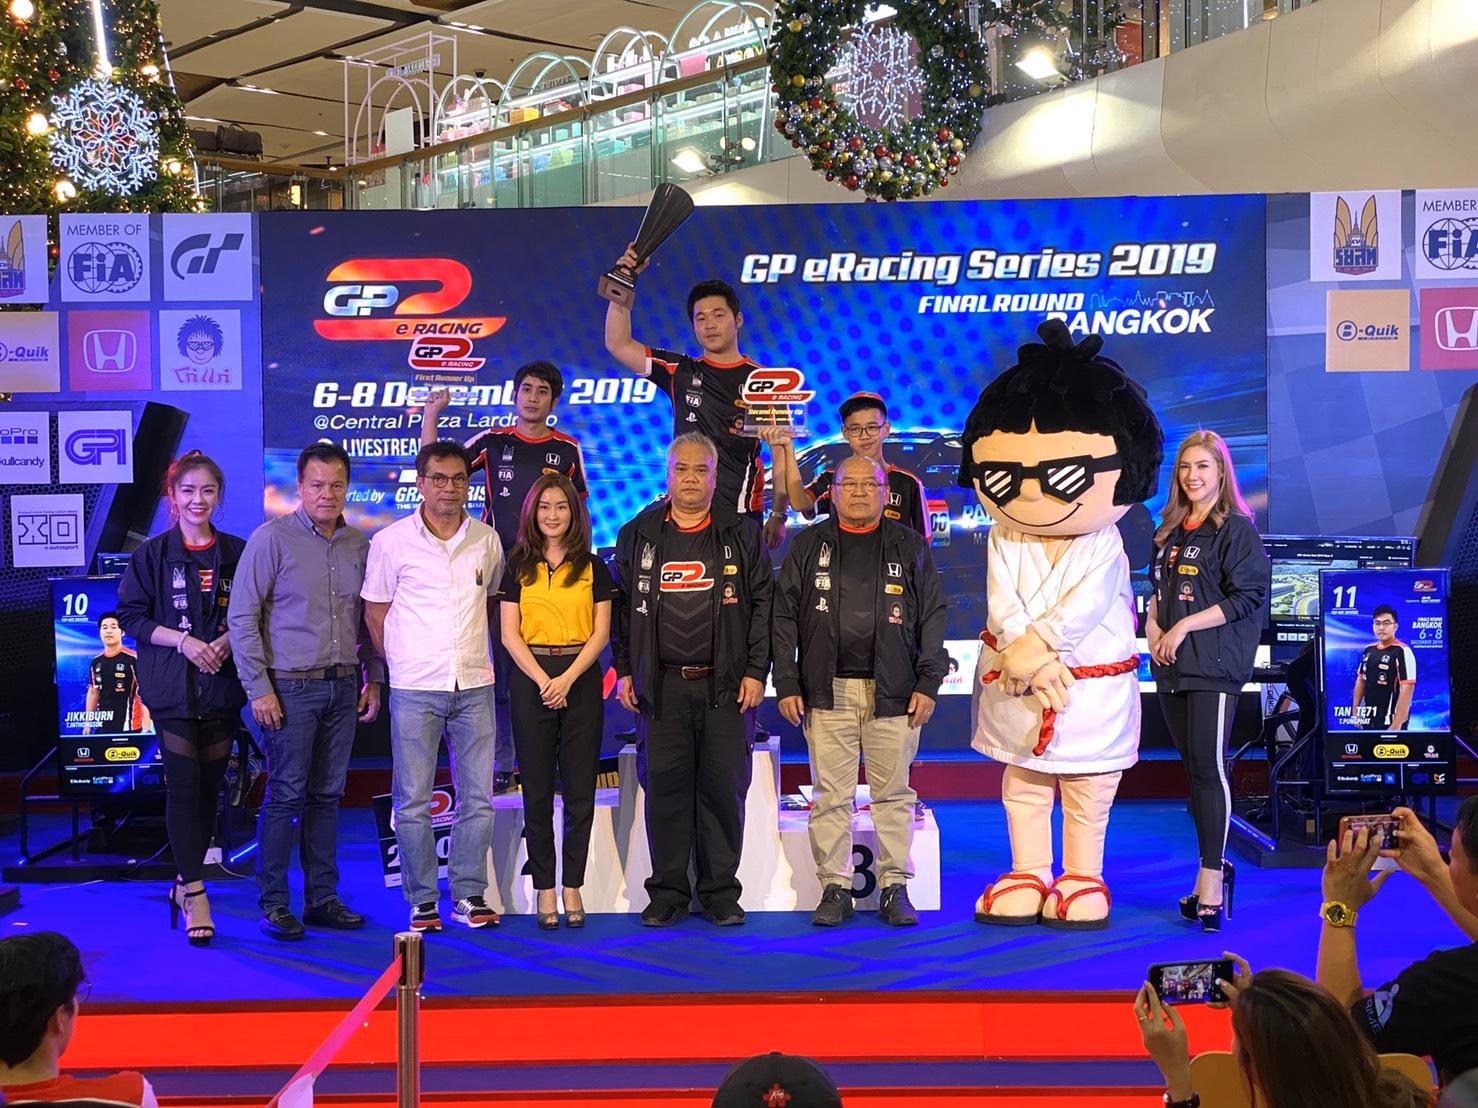 Jikkiburn คว้าแชมป์อย่างสมศักดิ์ศรี ฉลองตำแหน่งแชมป์ประจำปี GP eRacing 2019 นัดปิดฤดูกาล